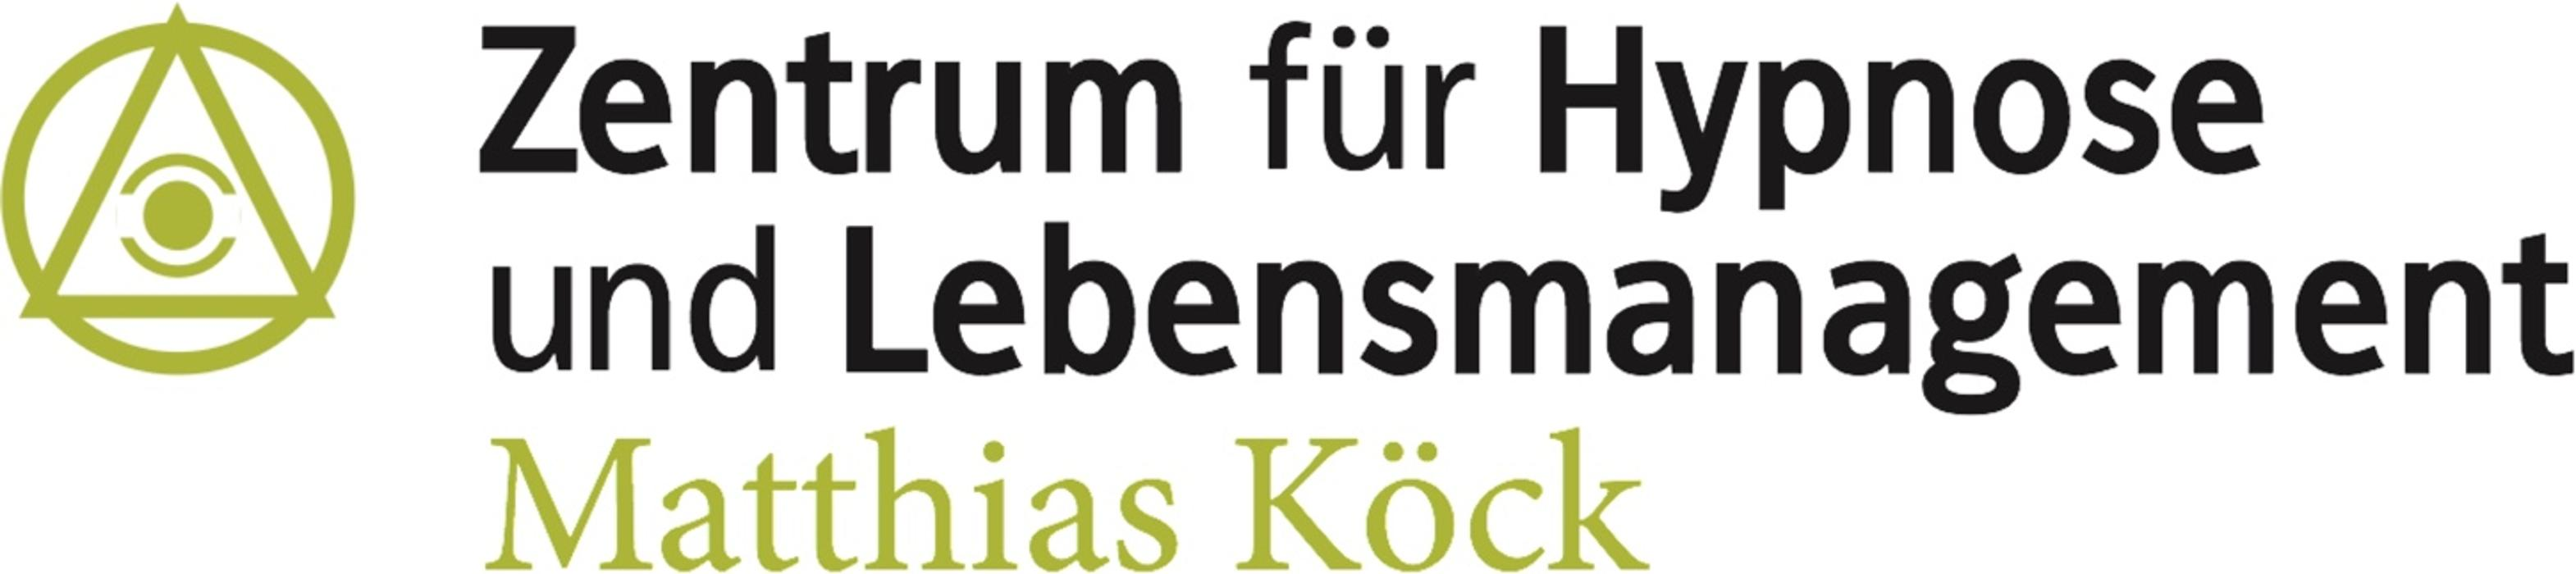 Bild zu Zentrum für Hypnose und Lebensmanagement Matthias Köck in Simbach am Inn